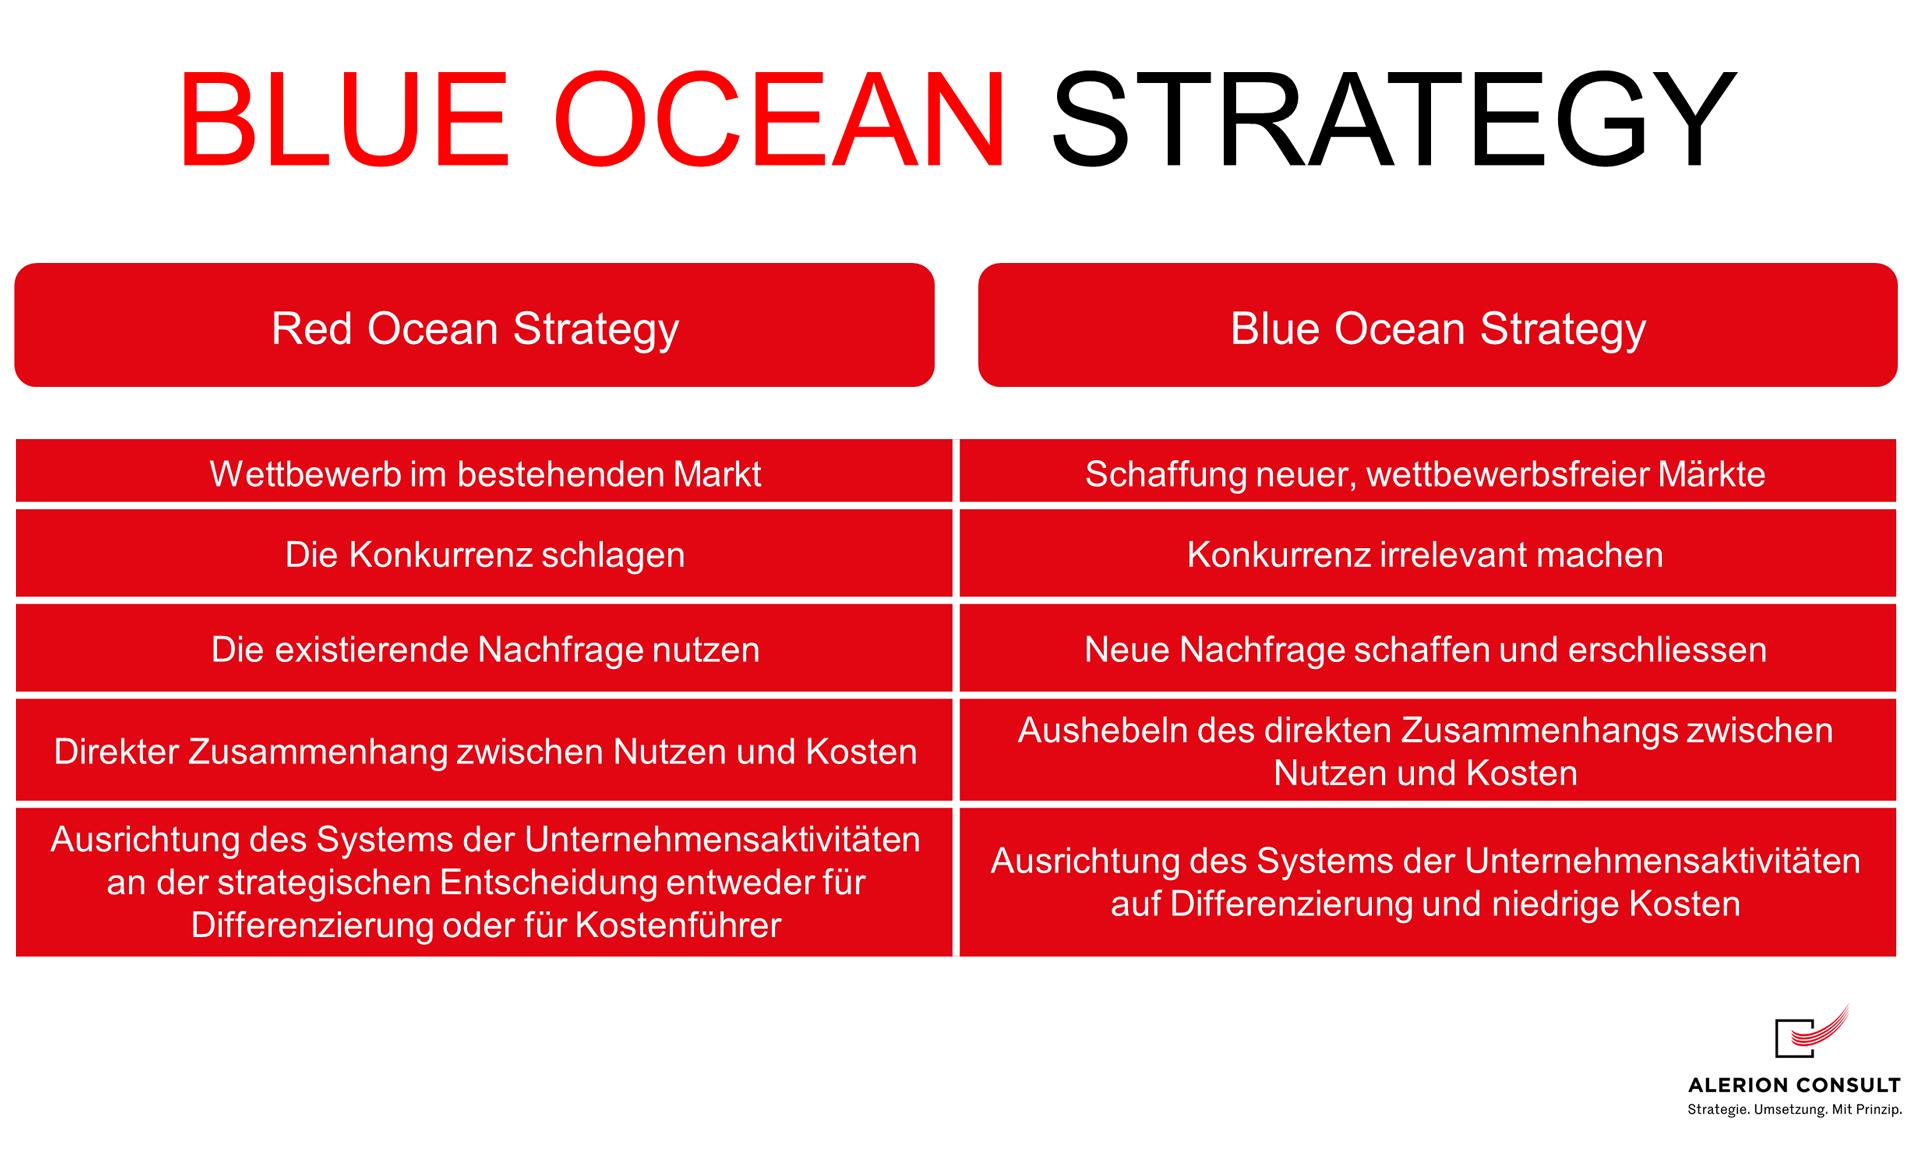 Blue Ocean Strategie Modell Beispiel - Alerion